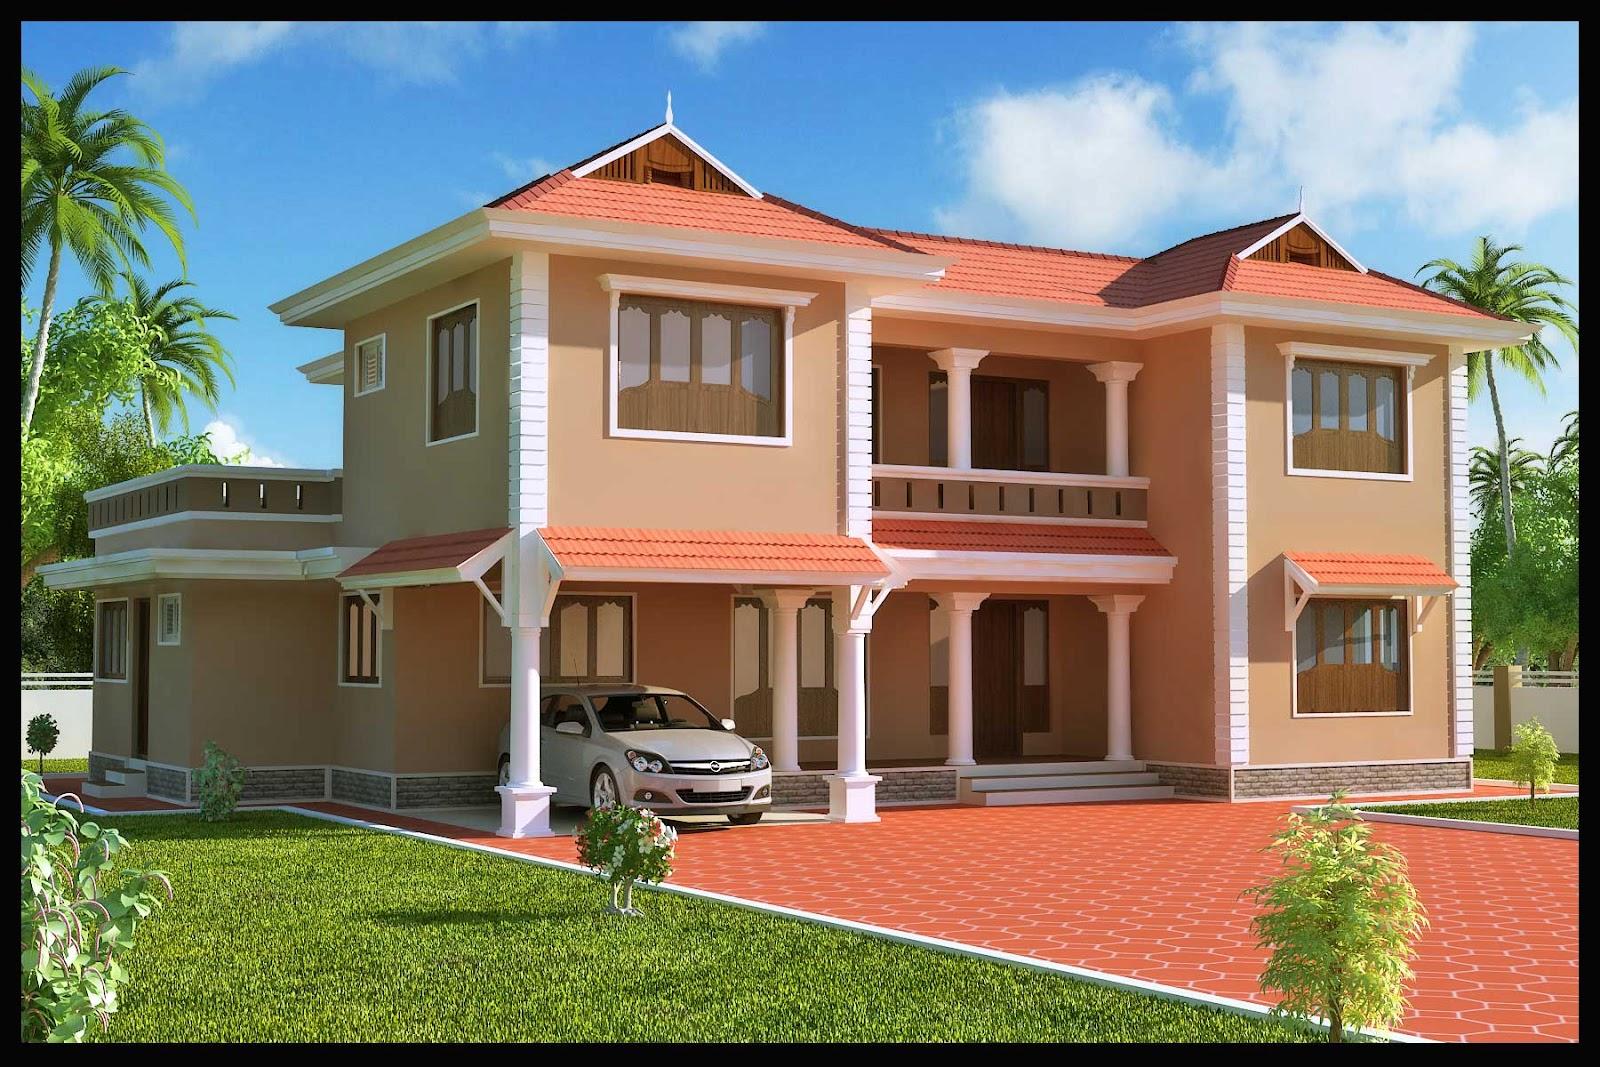 Nigerian Exterior House Designs House Design